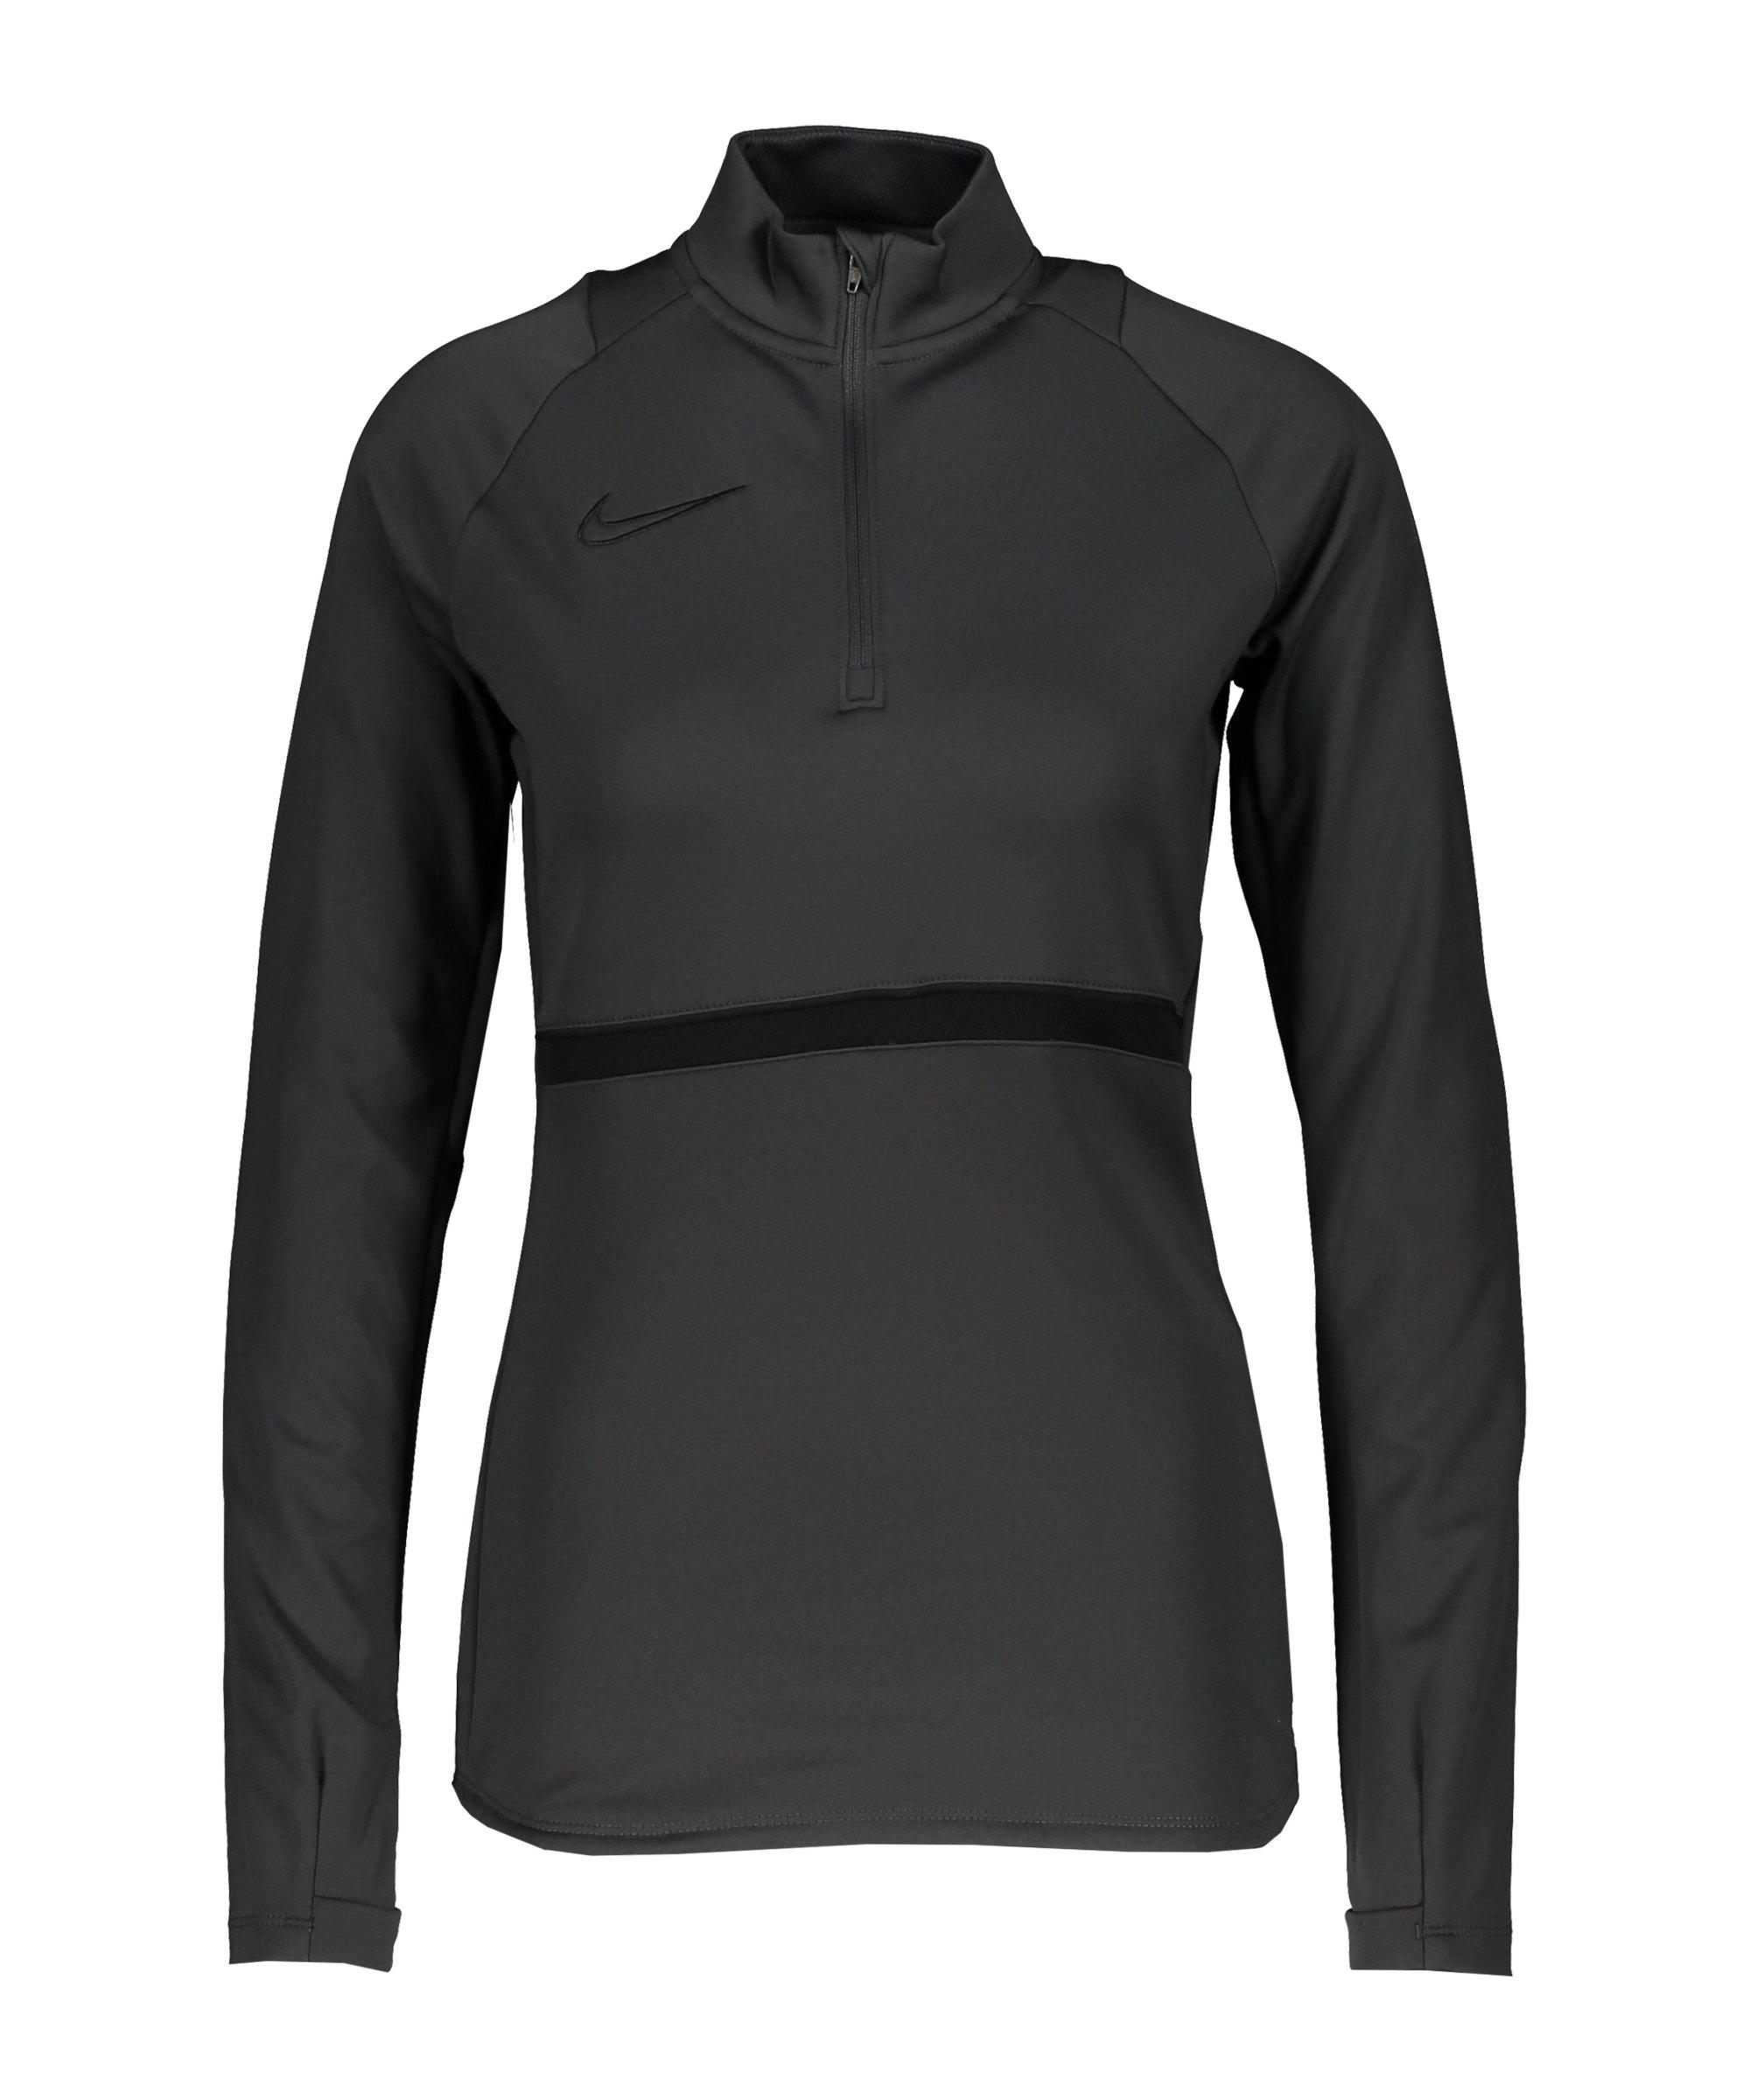 Nike Academy 21 Drill Top Damen Grau F060 - grau